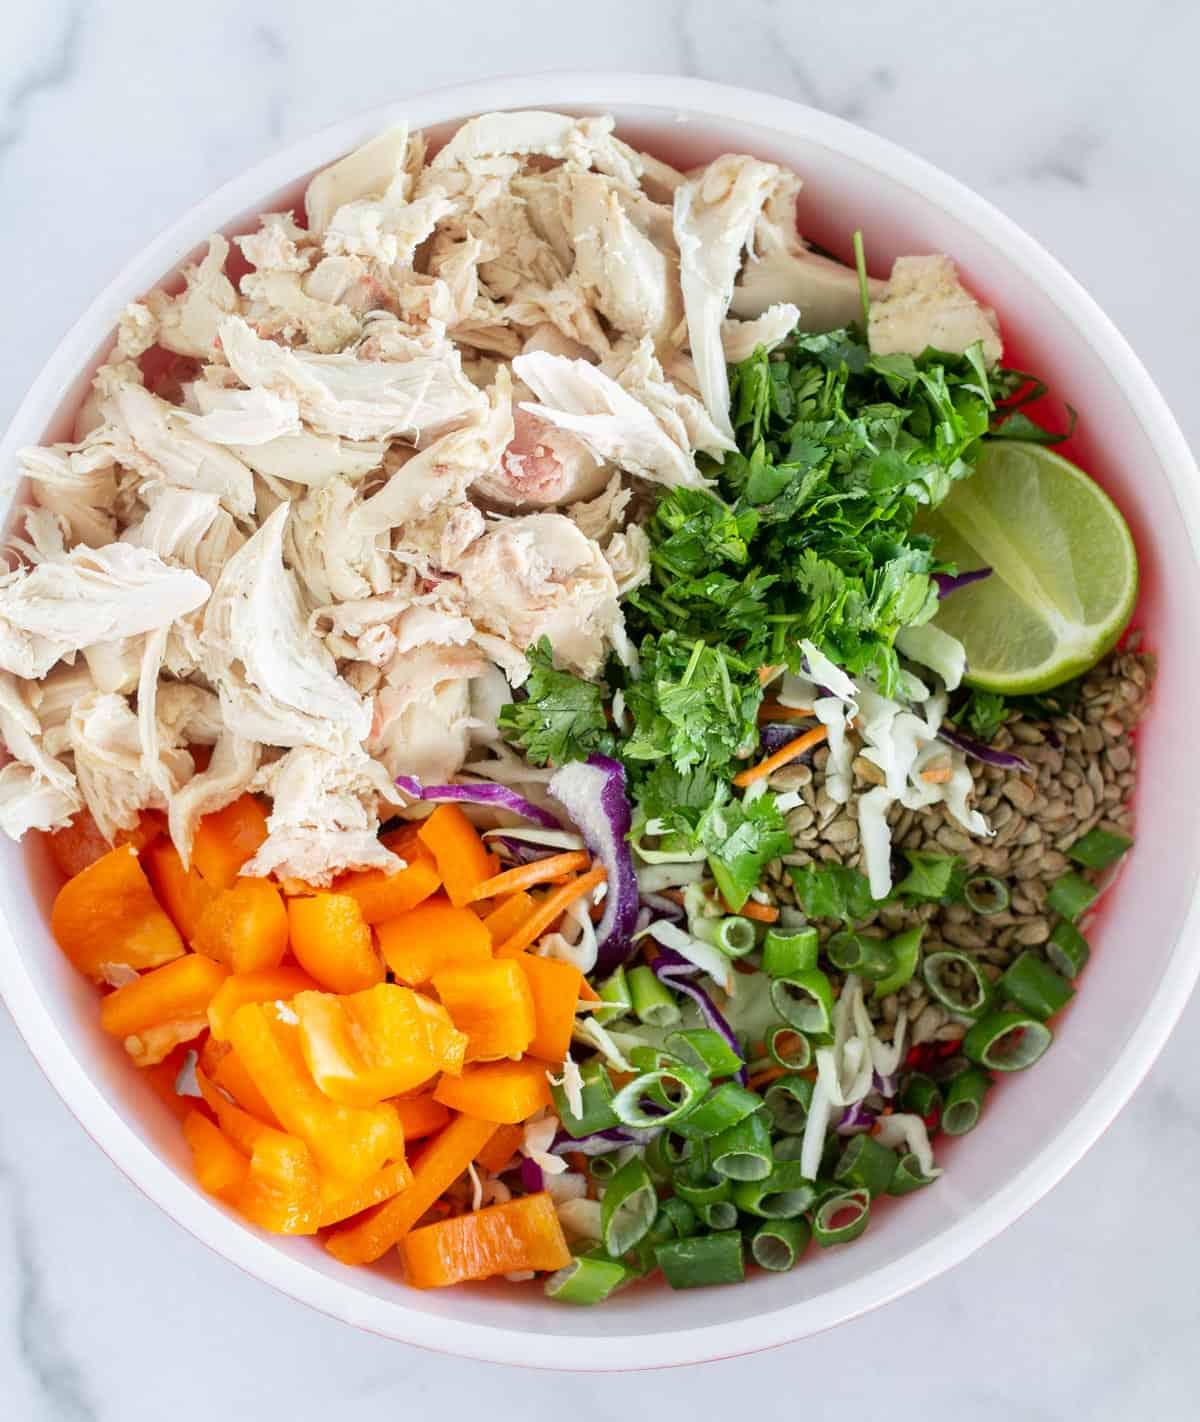 Unmix salad ingredients in bowl